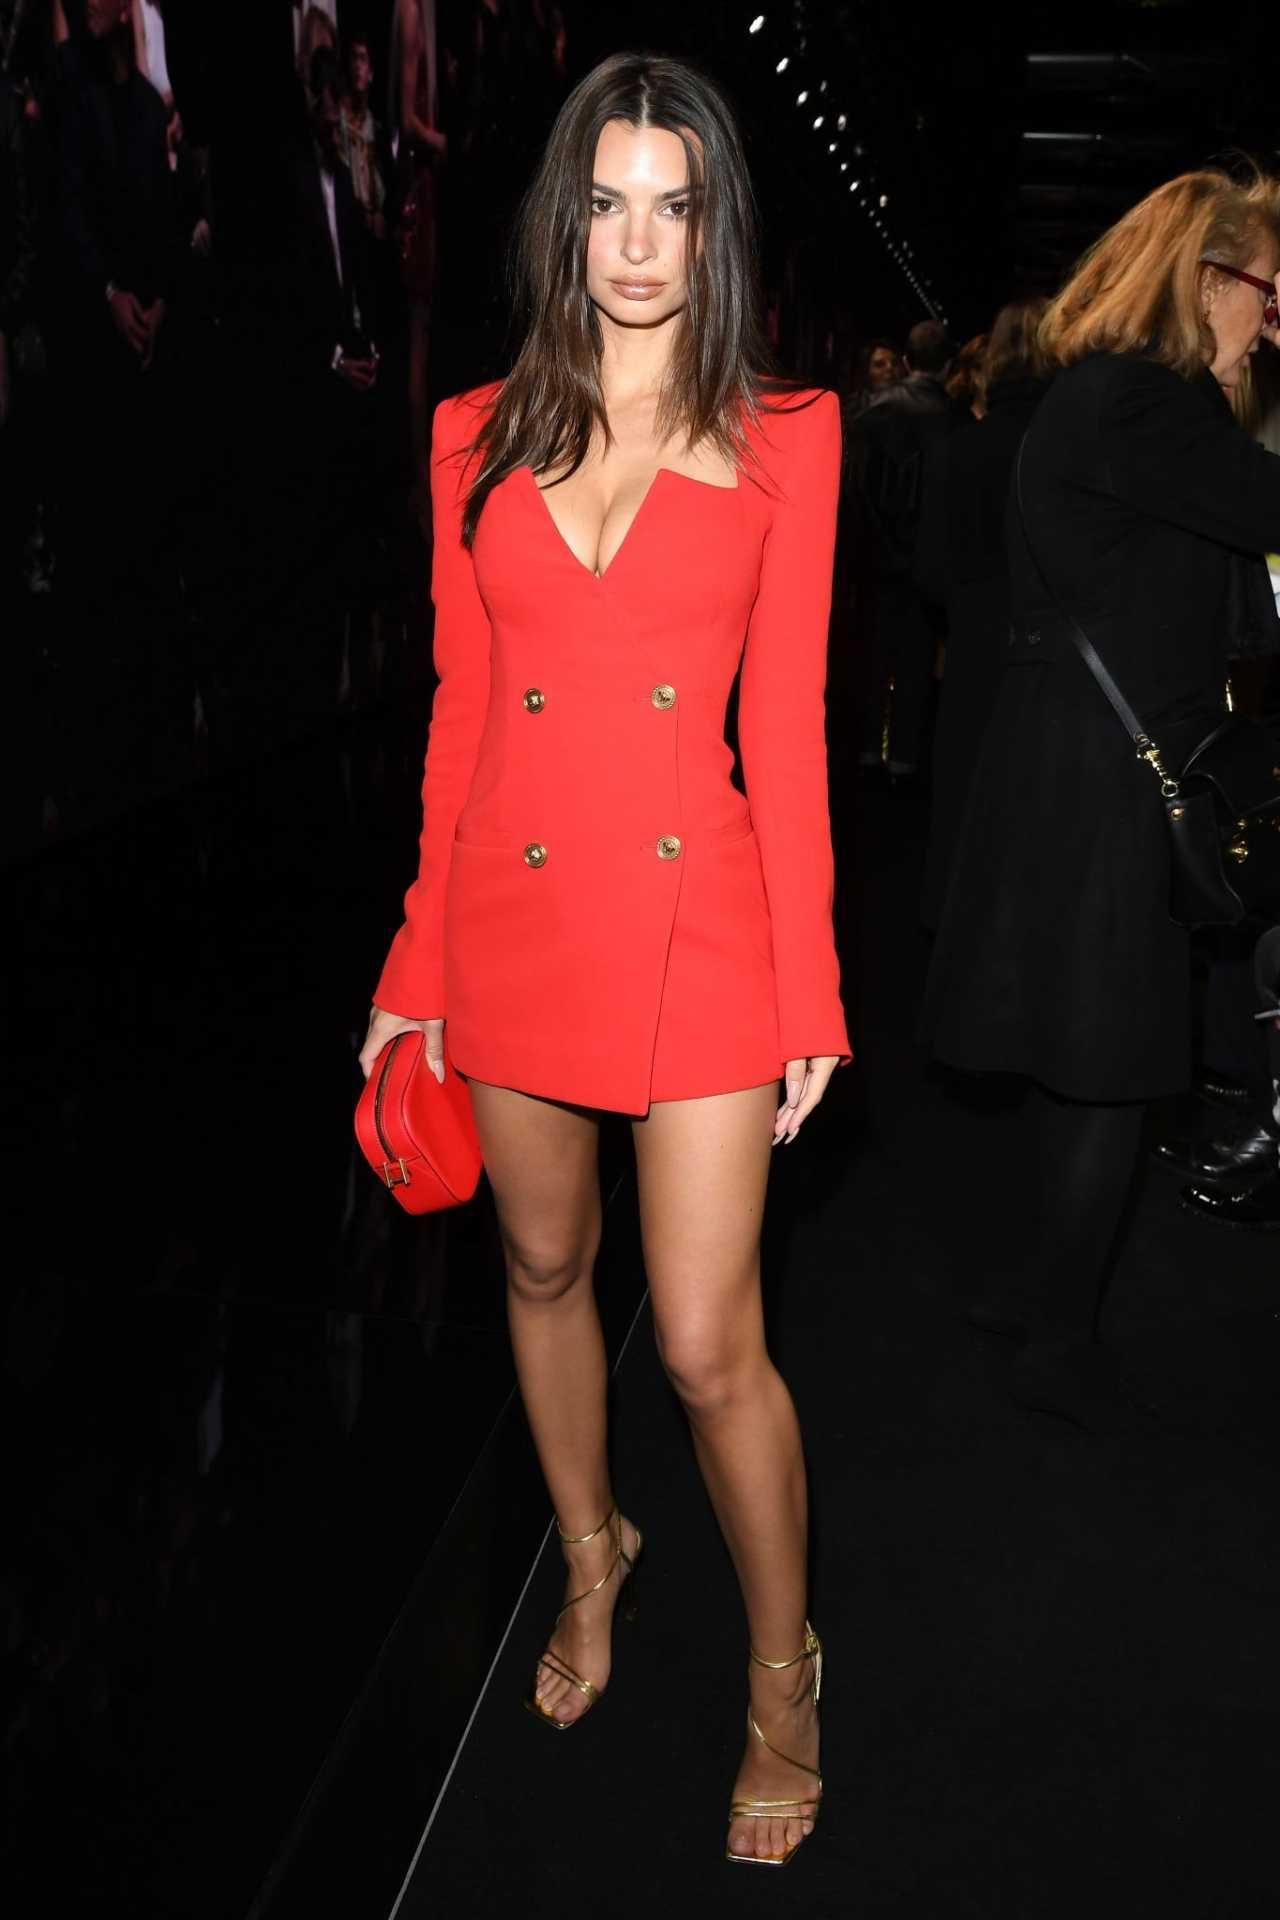 Emily Ratajkowski 2020 : Emily Ratajkowski – In red at Versace Fashion Show in Milan February-04